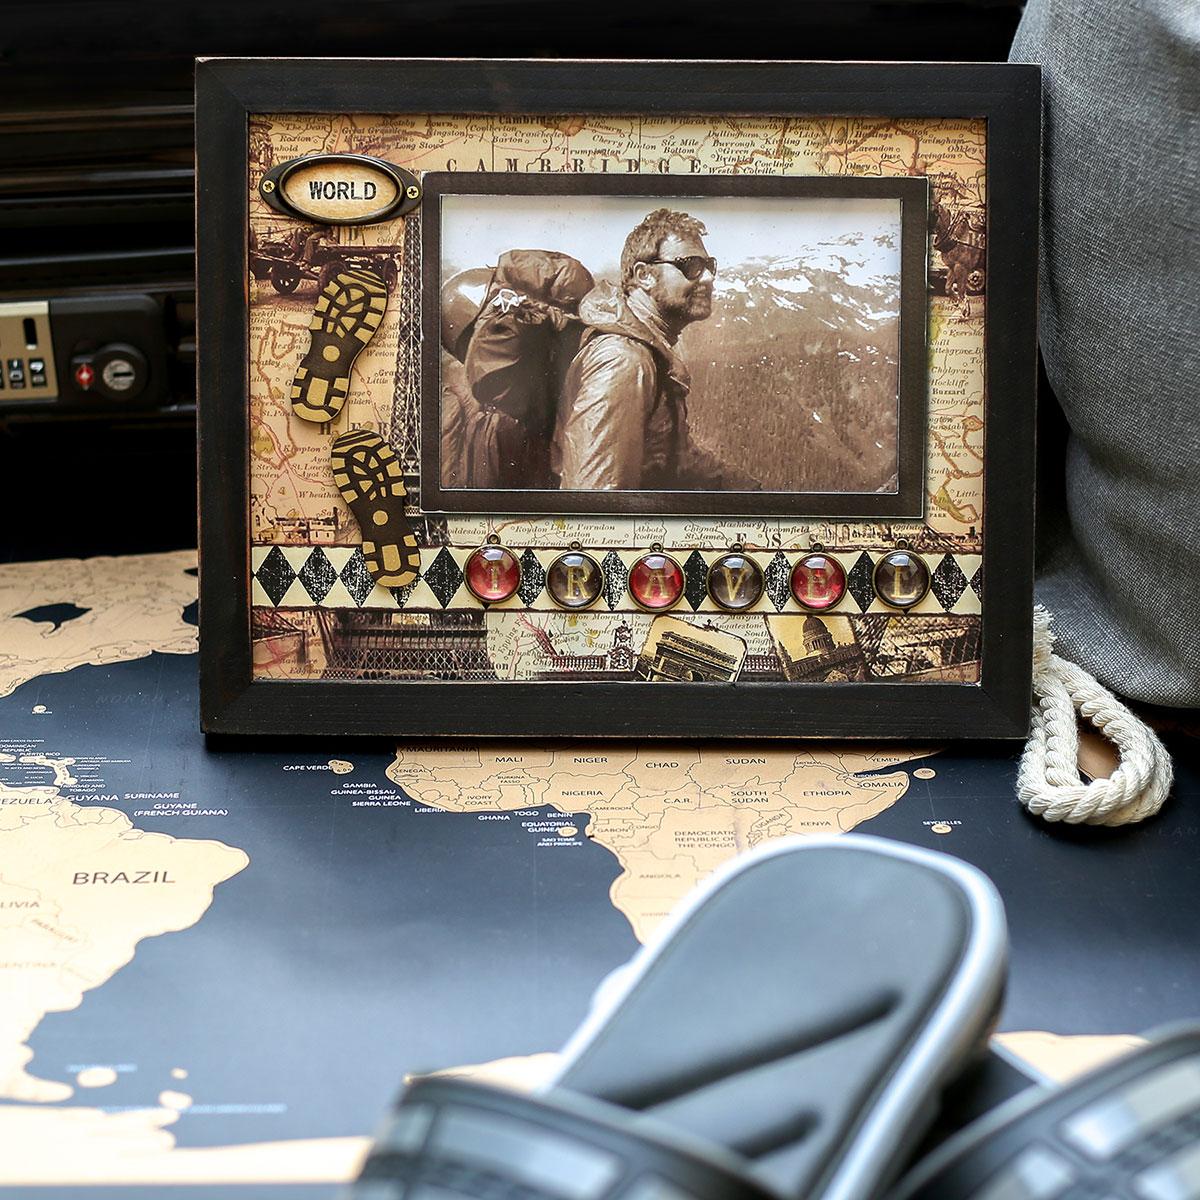 Fotorahmen Travel sepia, 10x15cm, Bilderrahmen Weltreise/Urlaub ...